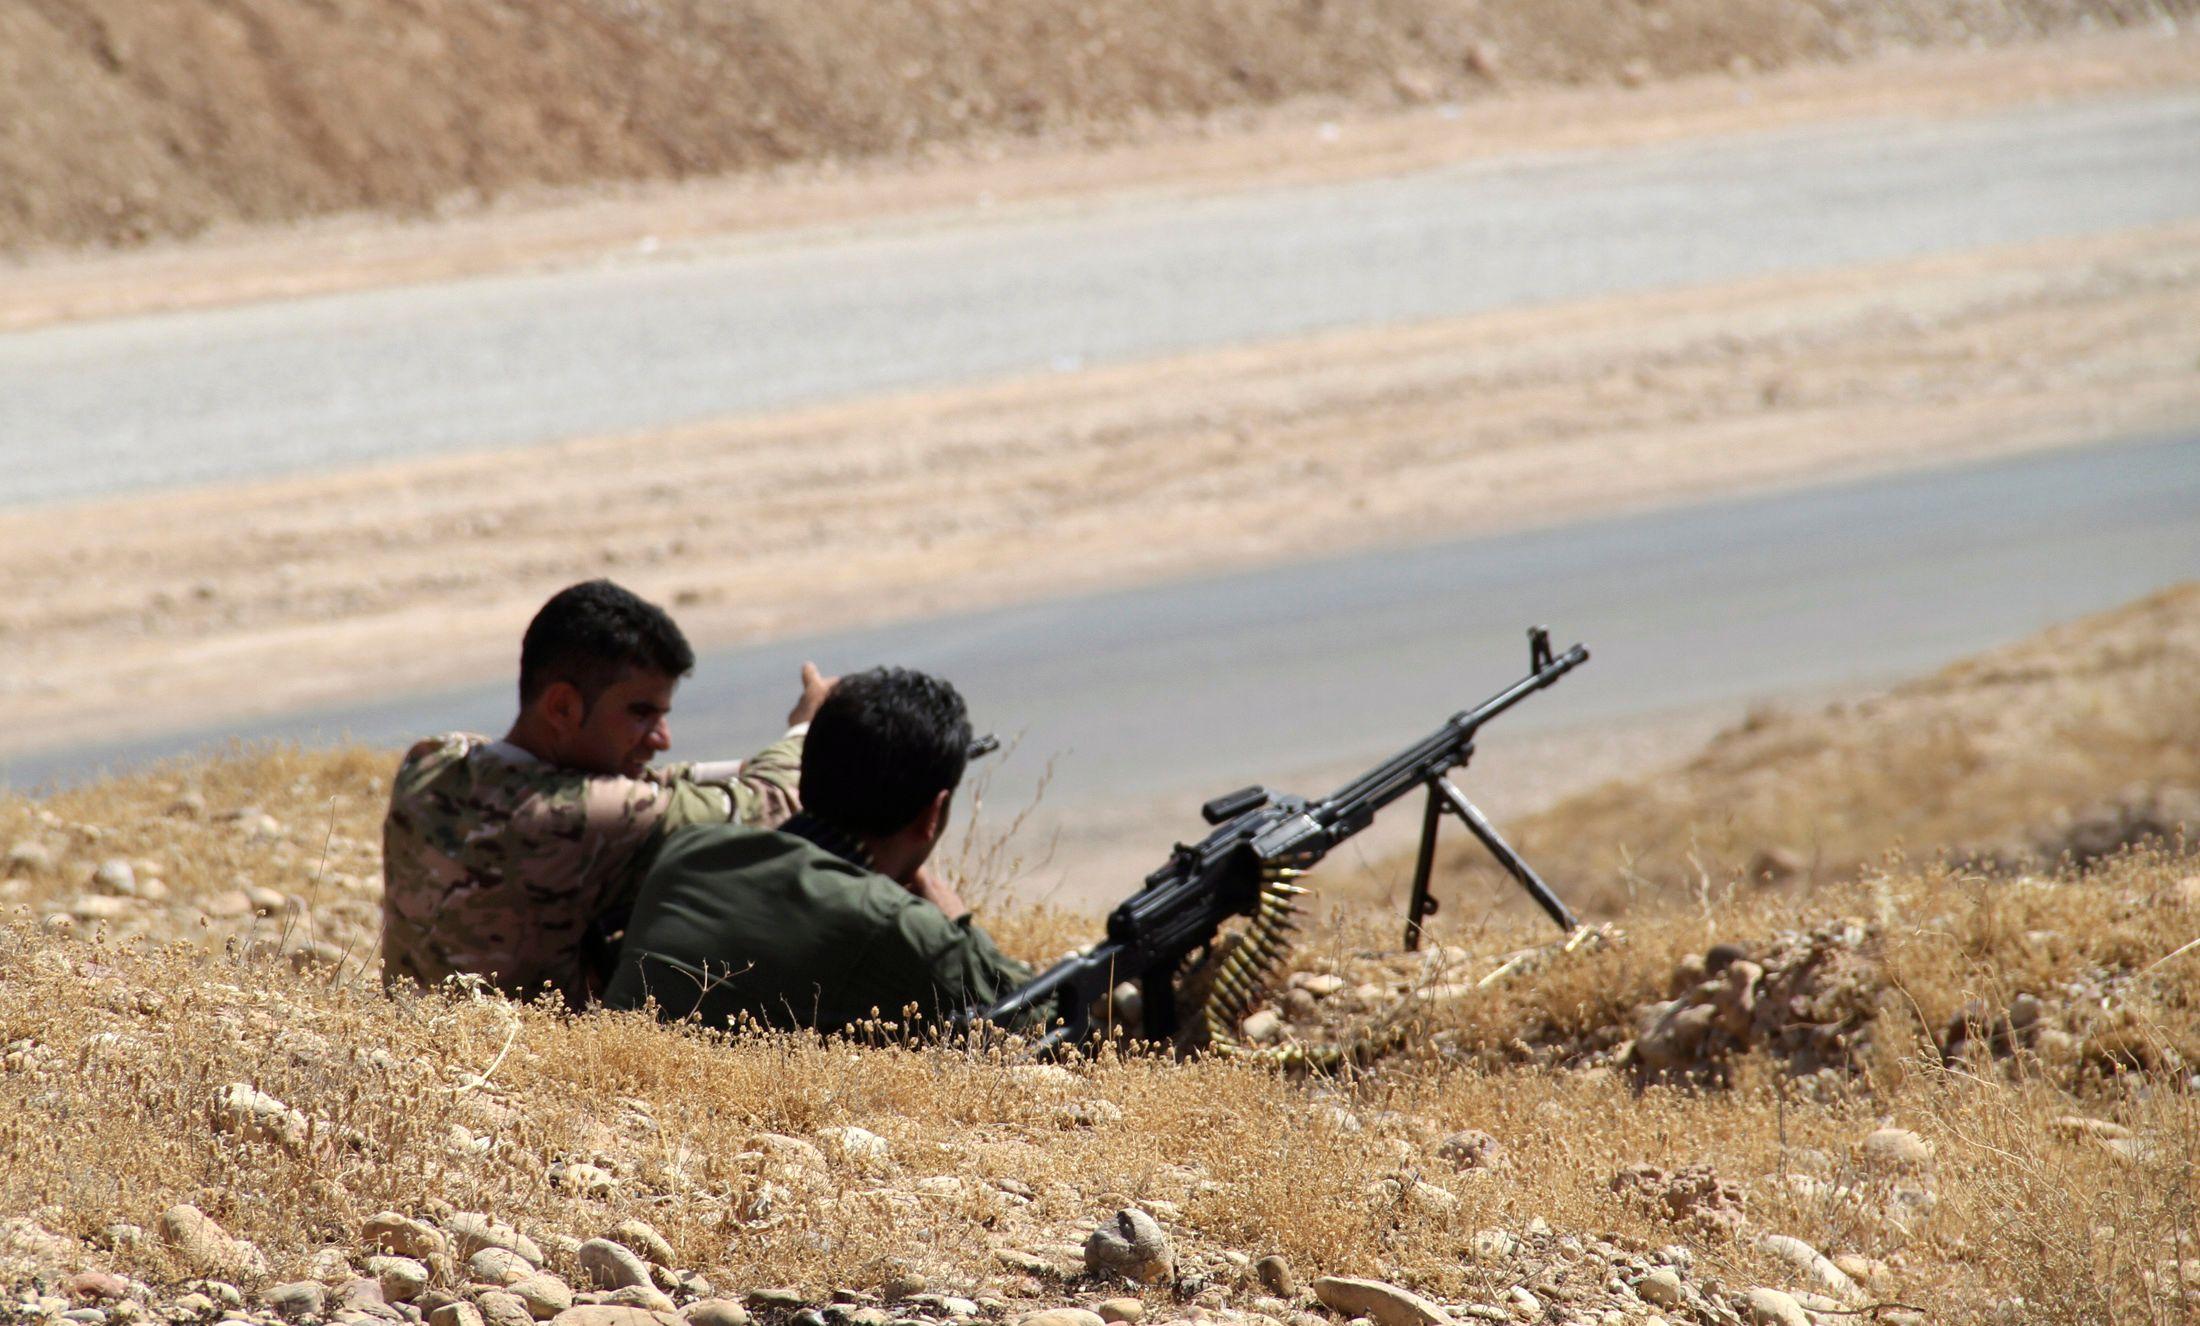 Des membres des forces de sécurité kurdes prennant position au cours d'affrontements avec le groupe jihadiste ISIL.